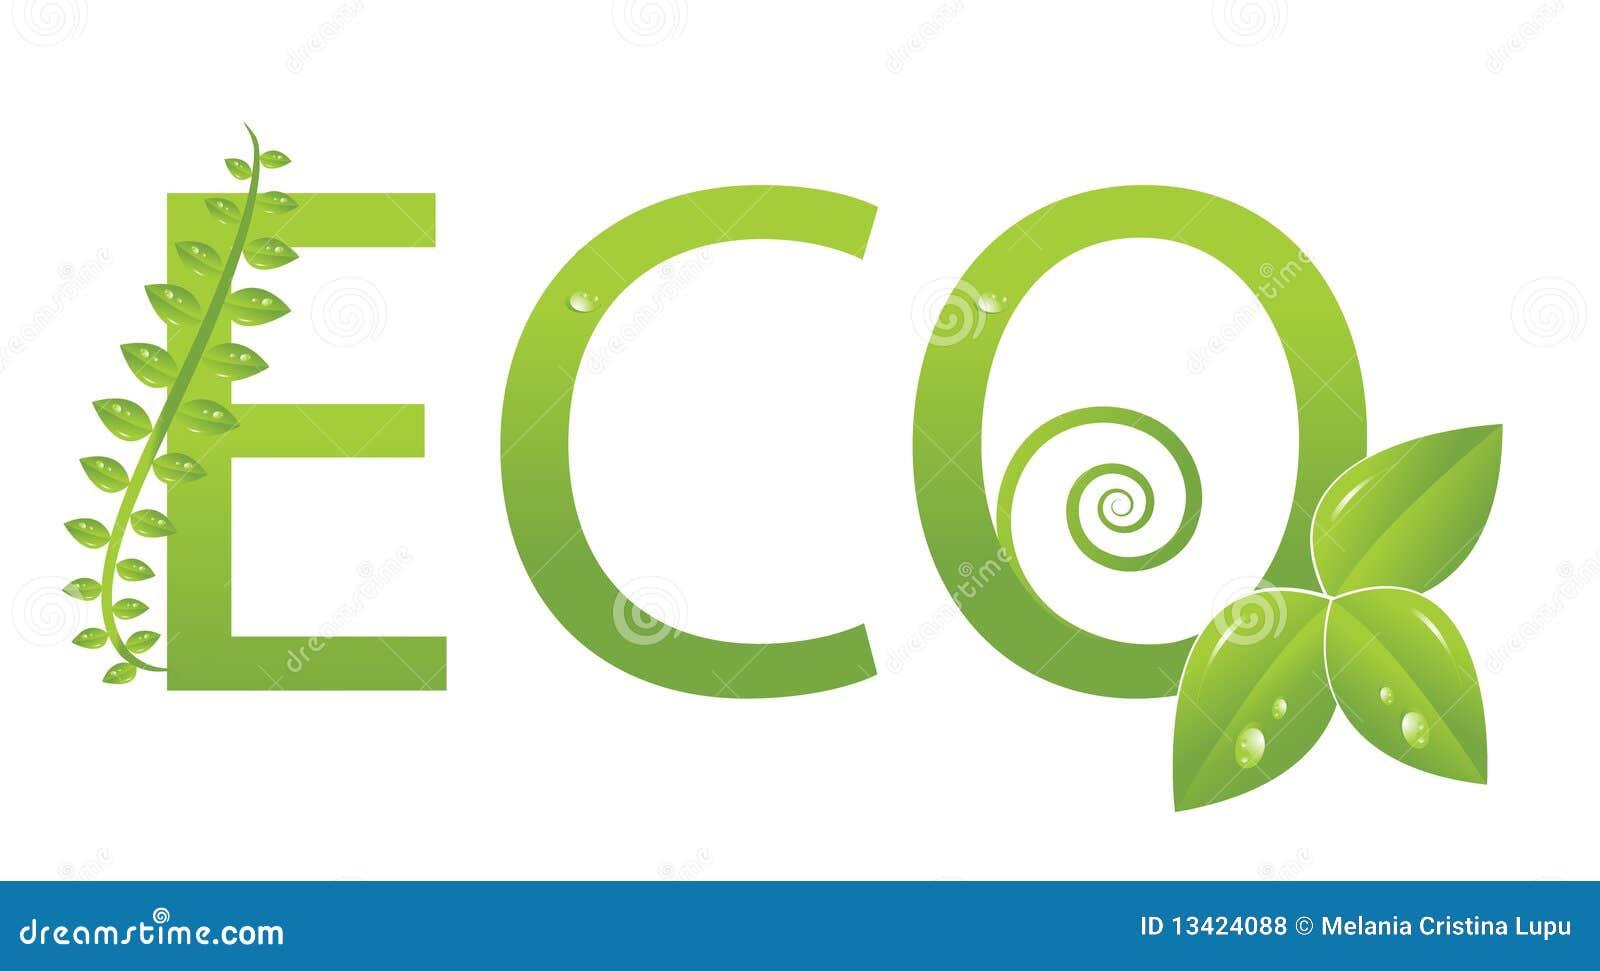 logo d 39 cologie prot gez l 39 environnement photos libres de droits image 13424088. Black Bedroom Furniture Sets. Home Design Ideas